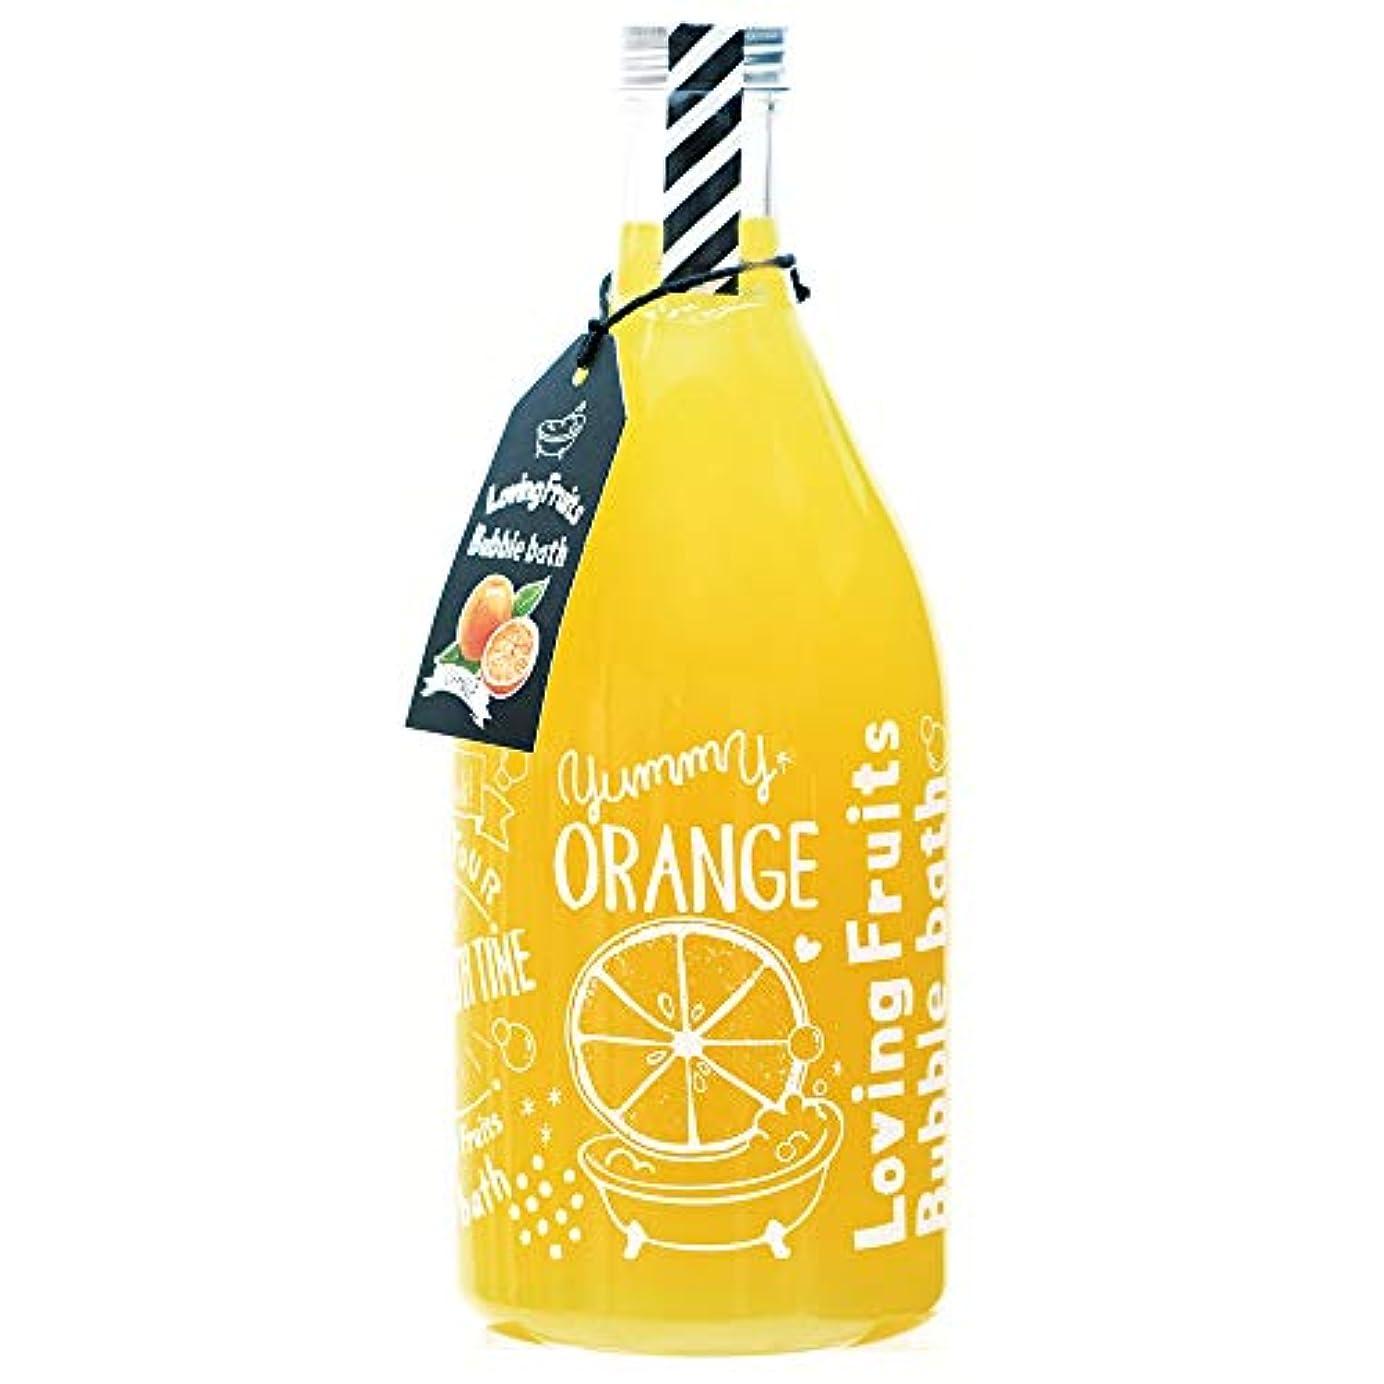 一般暴露するに向けて出発ノルコーポレーション バスジェル ラビングフルーツバブルバス OB-LFS-1-2 入浴剤 オレンジの香り 750ml